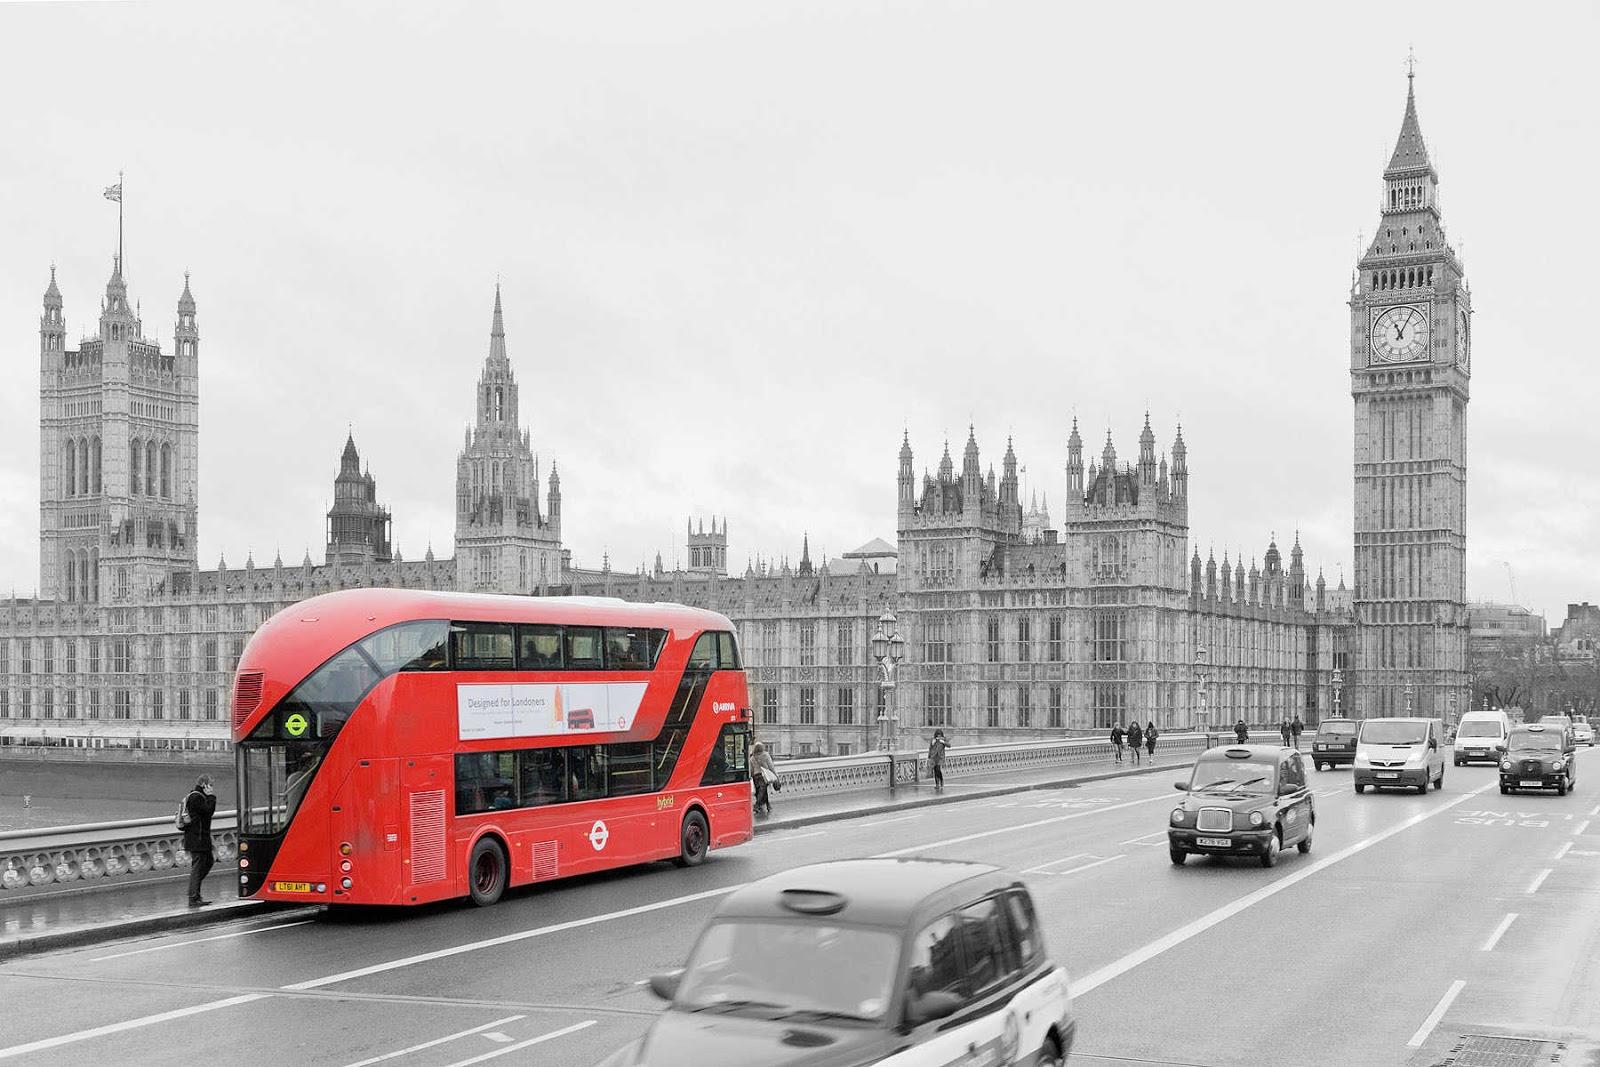 Hotels In London England Near London Eye